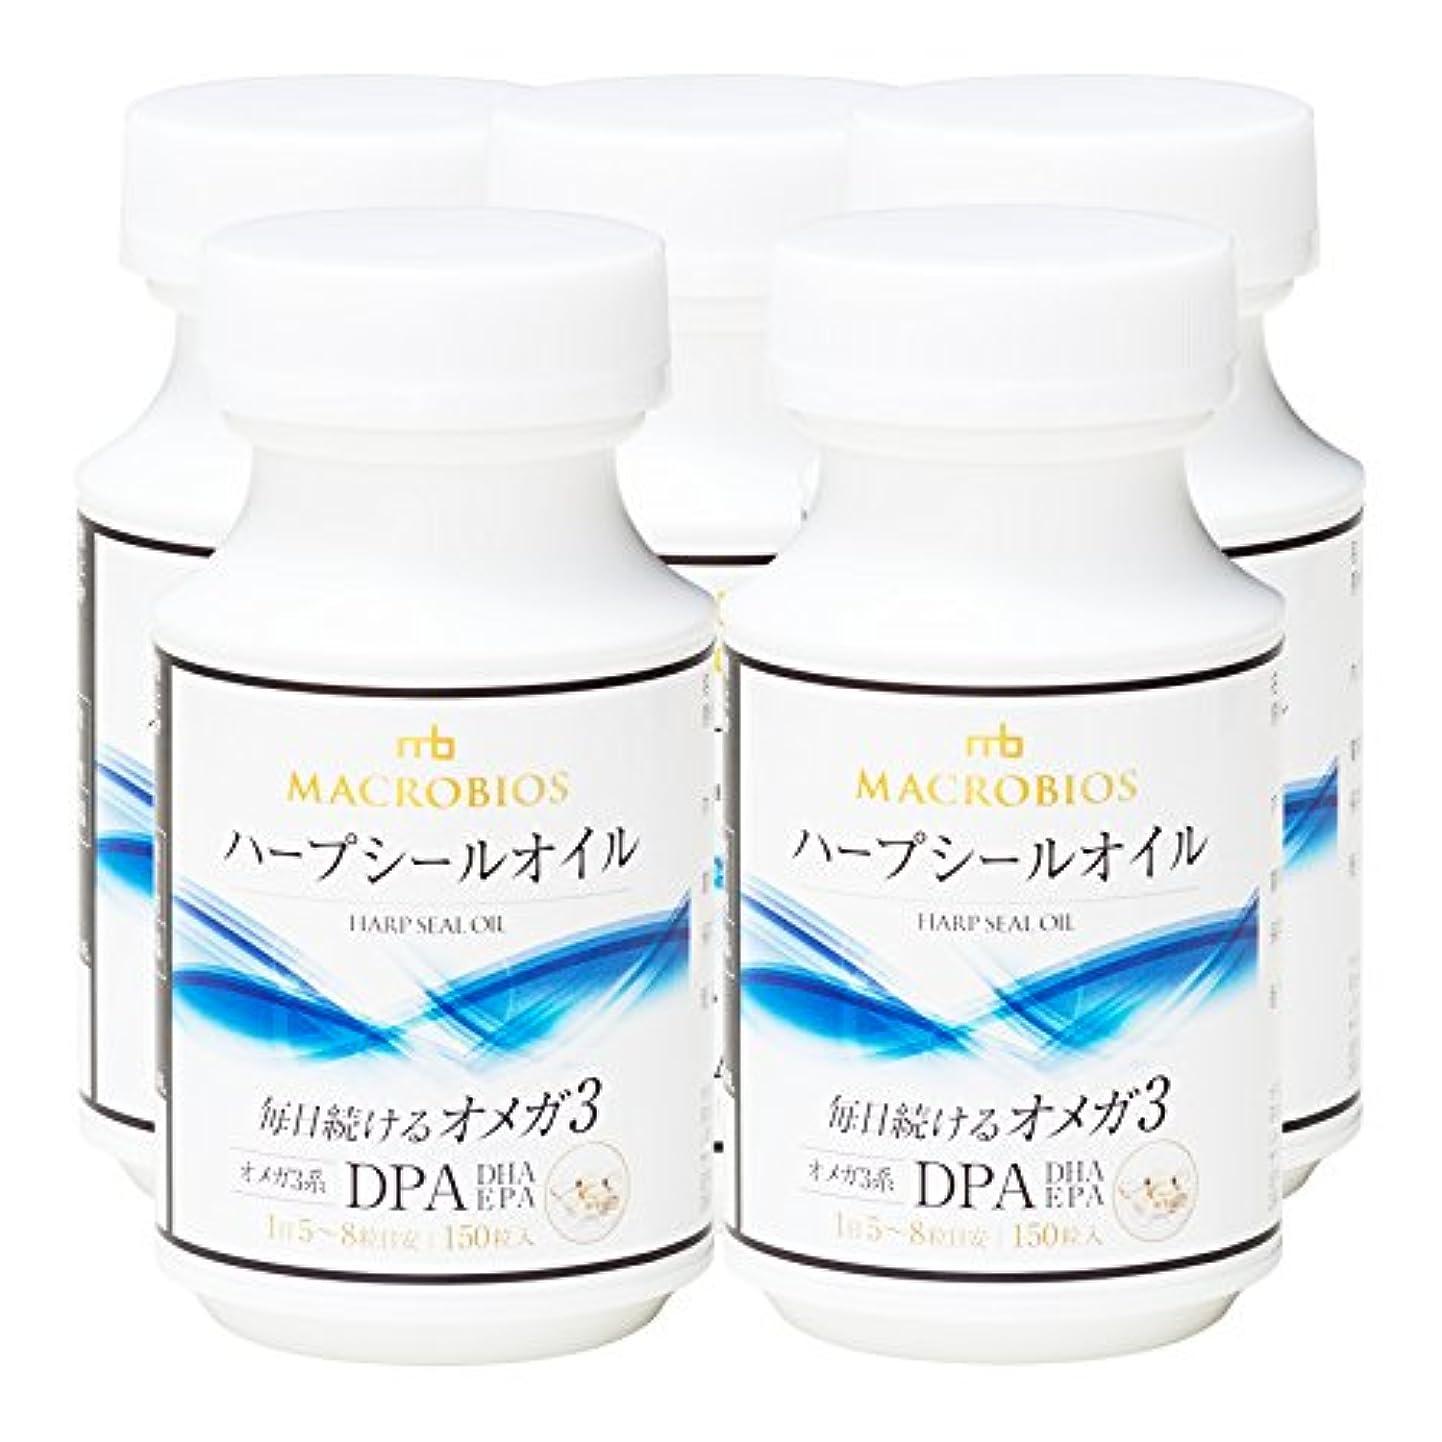 悲しいことになぞらえる保持ハープシールオイル 150粒 (アザラシ油) DPA DHA EPA オメガ3 サプリメント (5個セット)